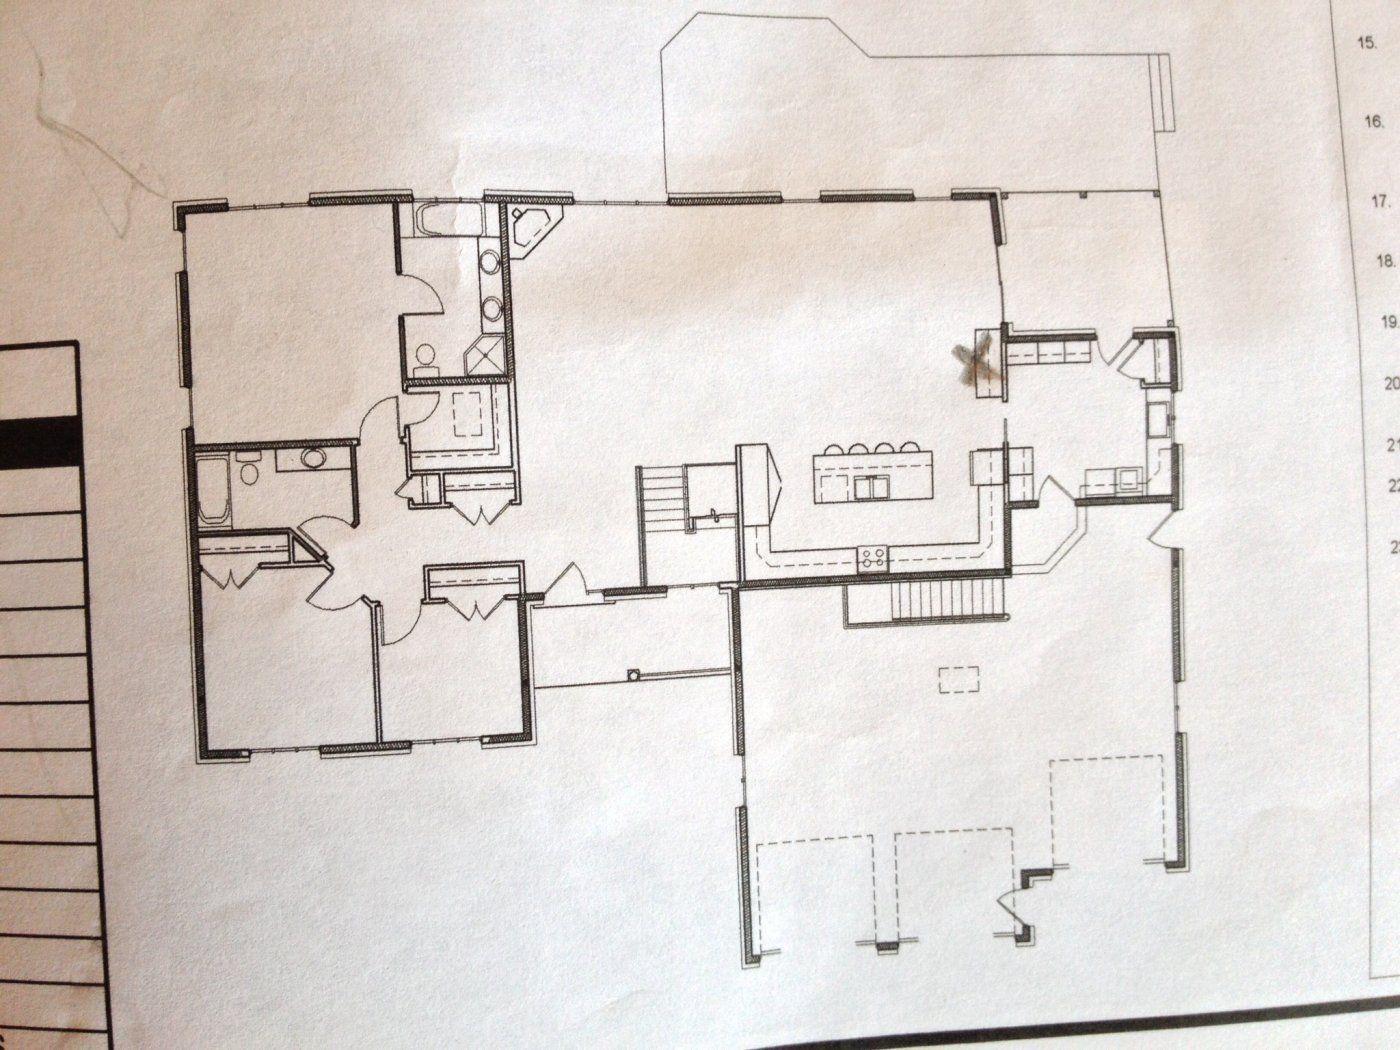 Regency Alterra cs2400 review | Hearth.com Forums Home